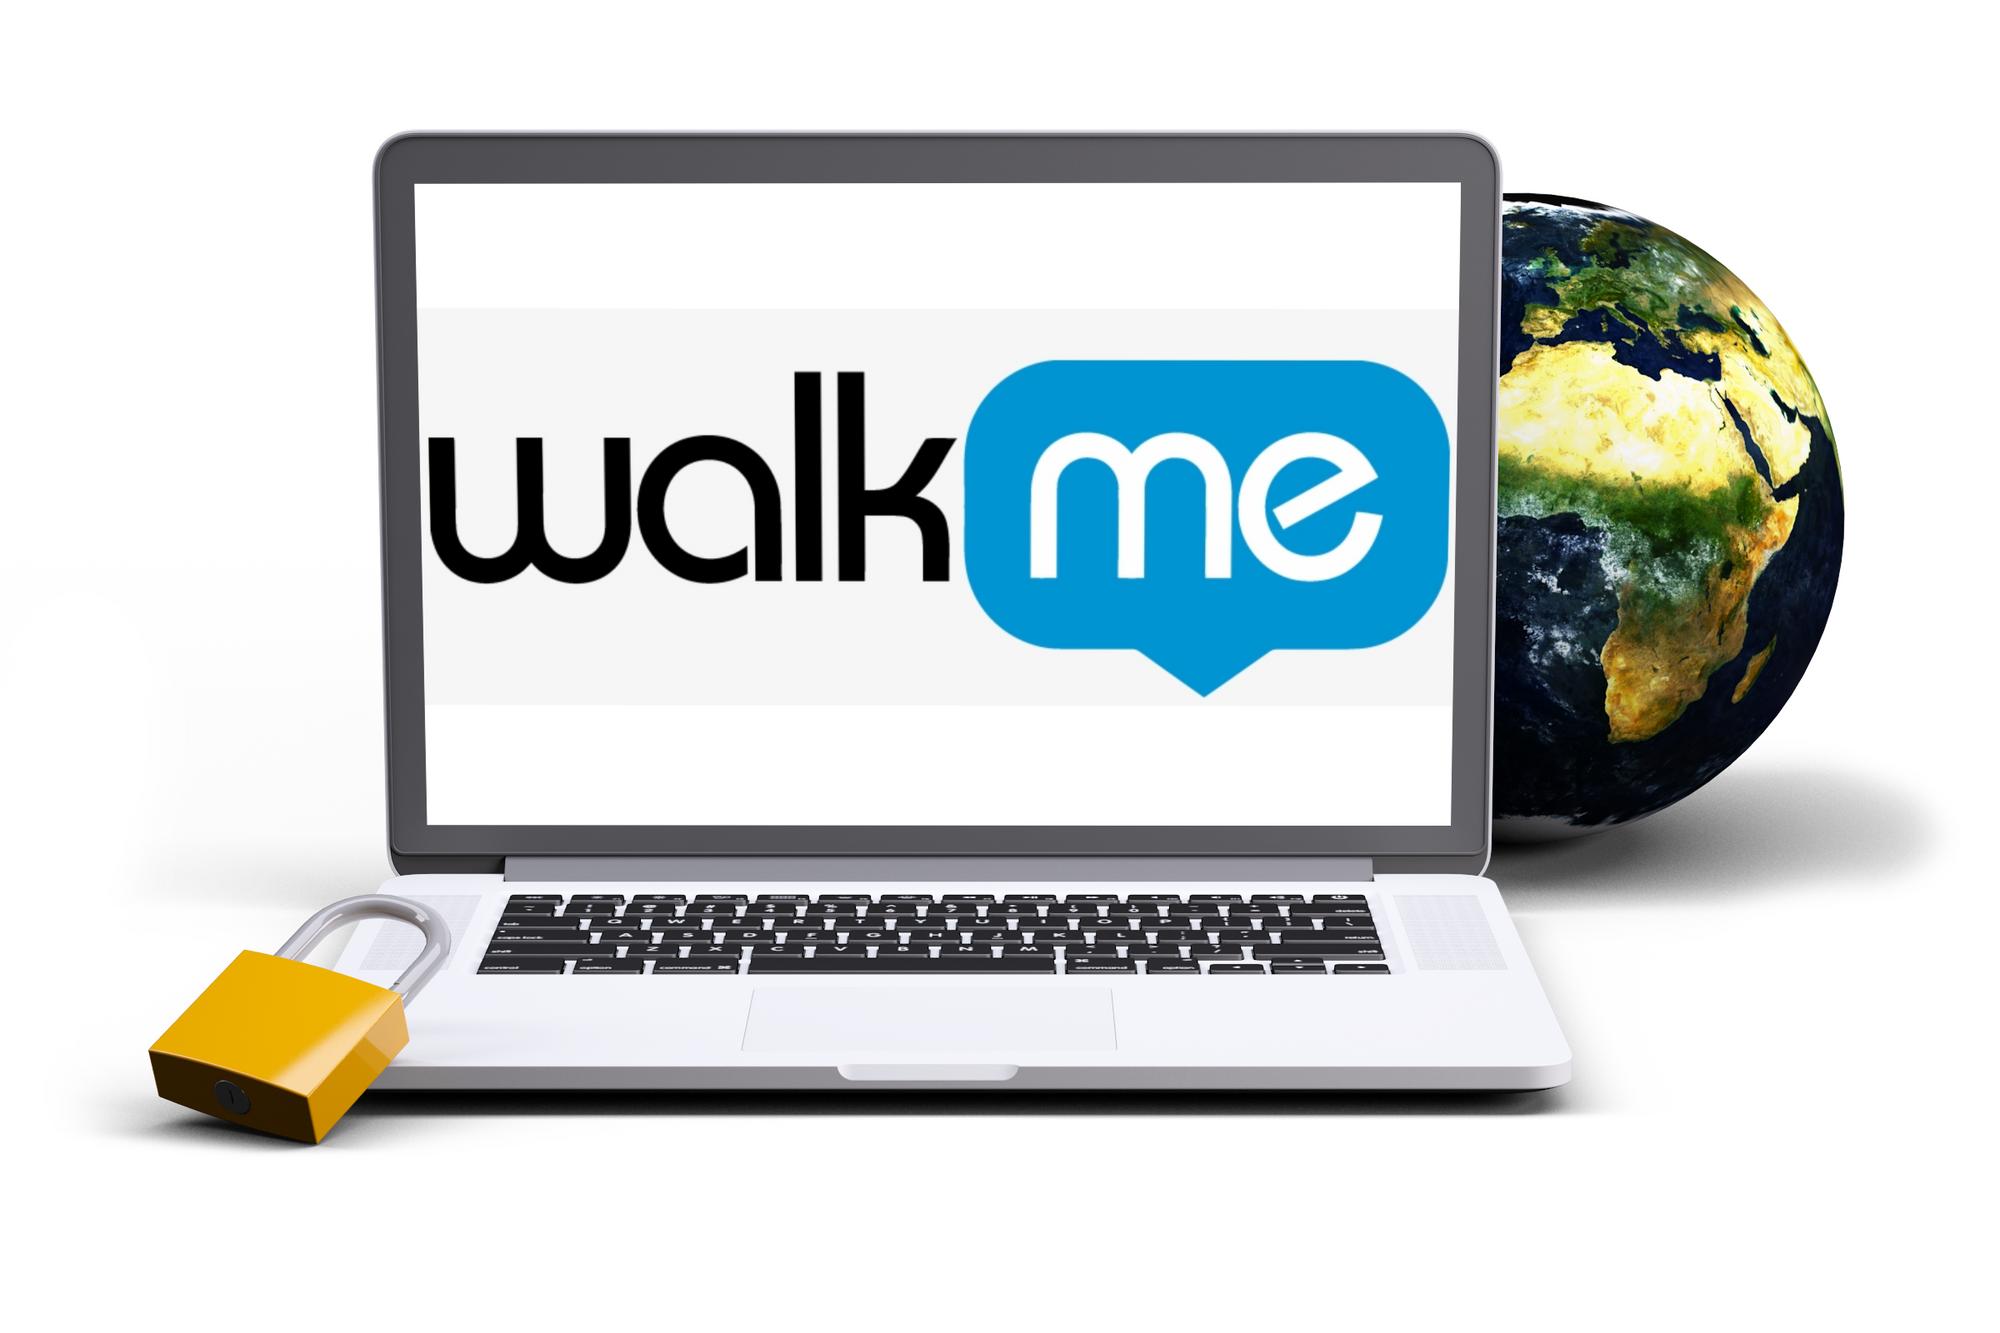 WalkMe Initial Public Offering